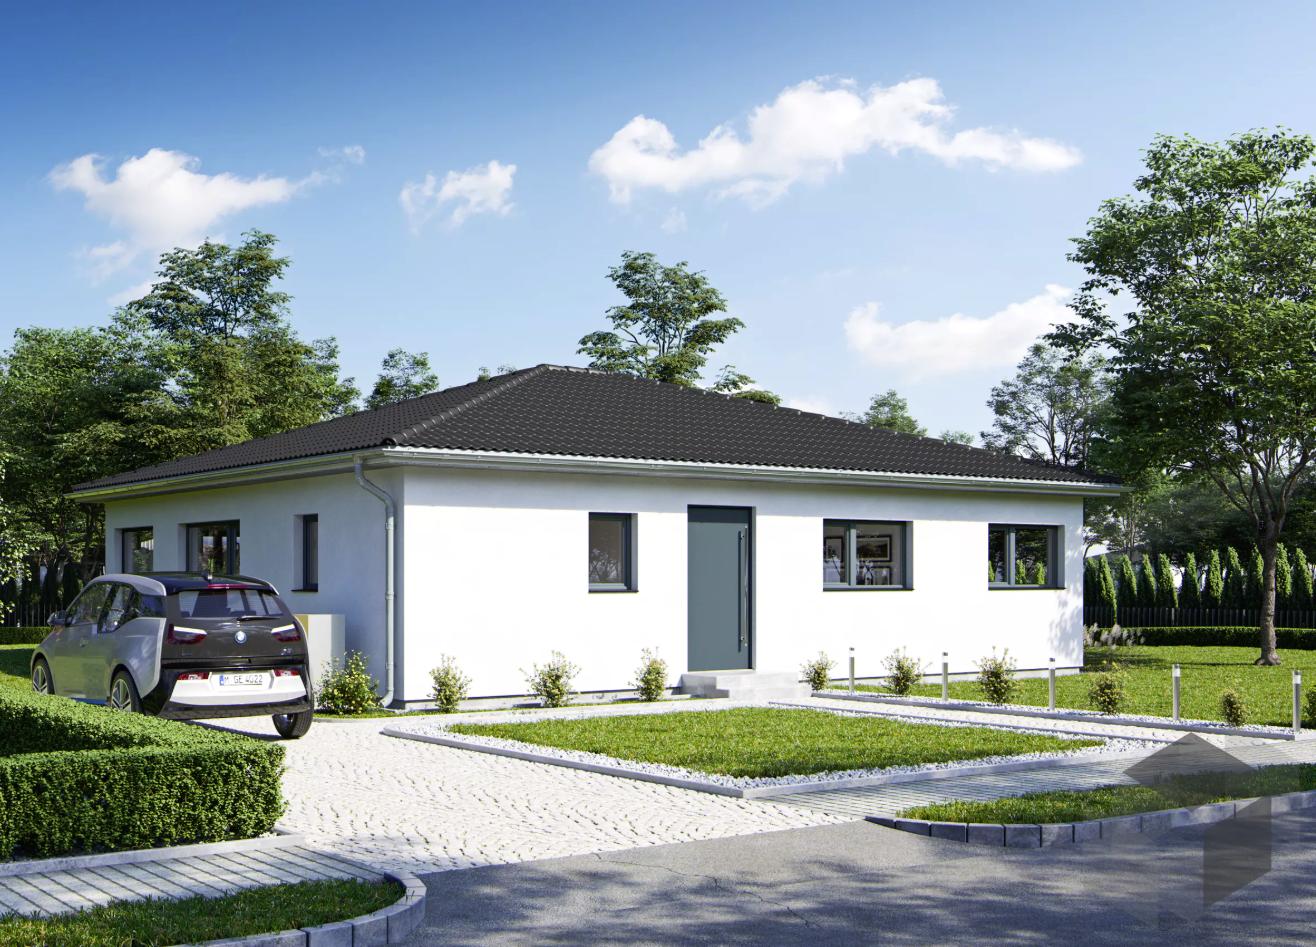 bungalow 39 goethestra e 109 39 bauen wiewir ab euro als ausbauhaus mit einem klick. Black Bedroom Furniture Sets. Home Design Ideas